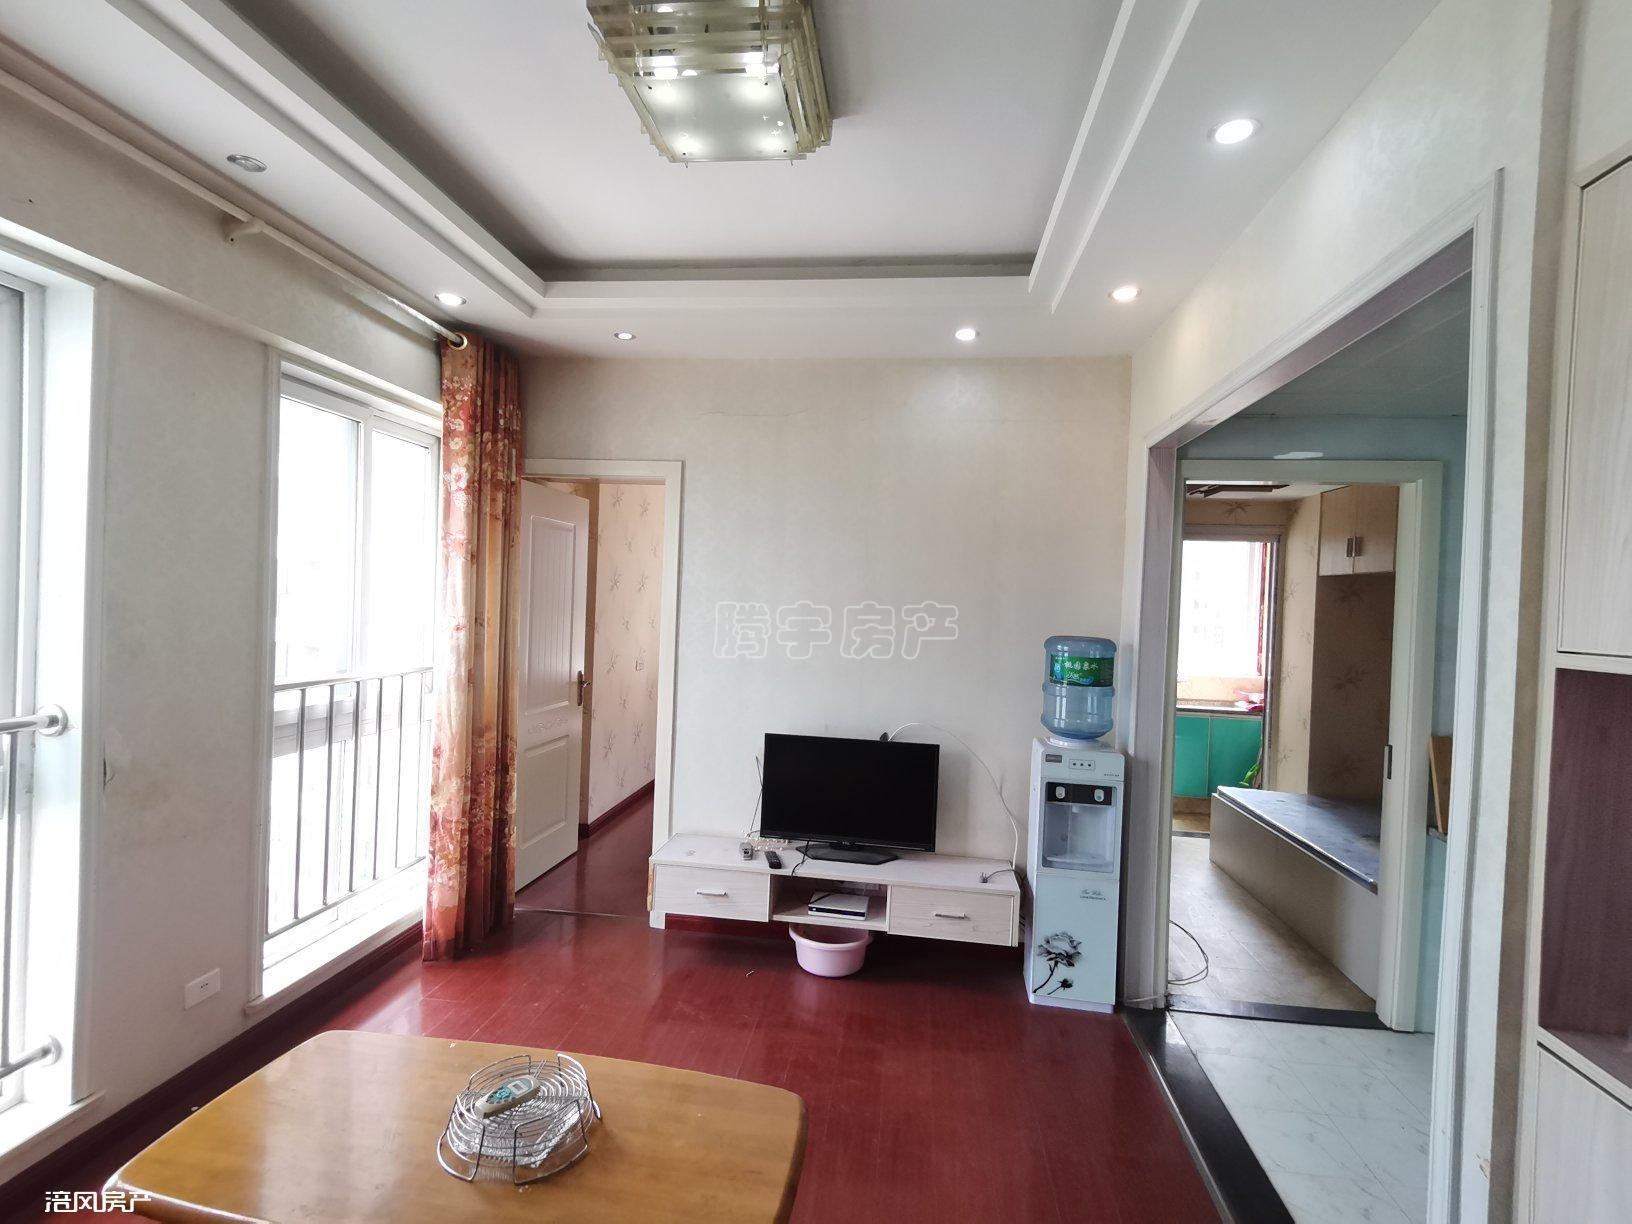 一线江景房精装2房,拧包入住租金1200/月